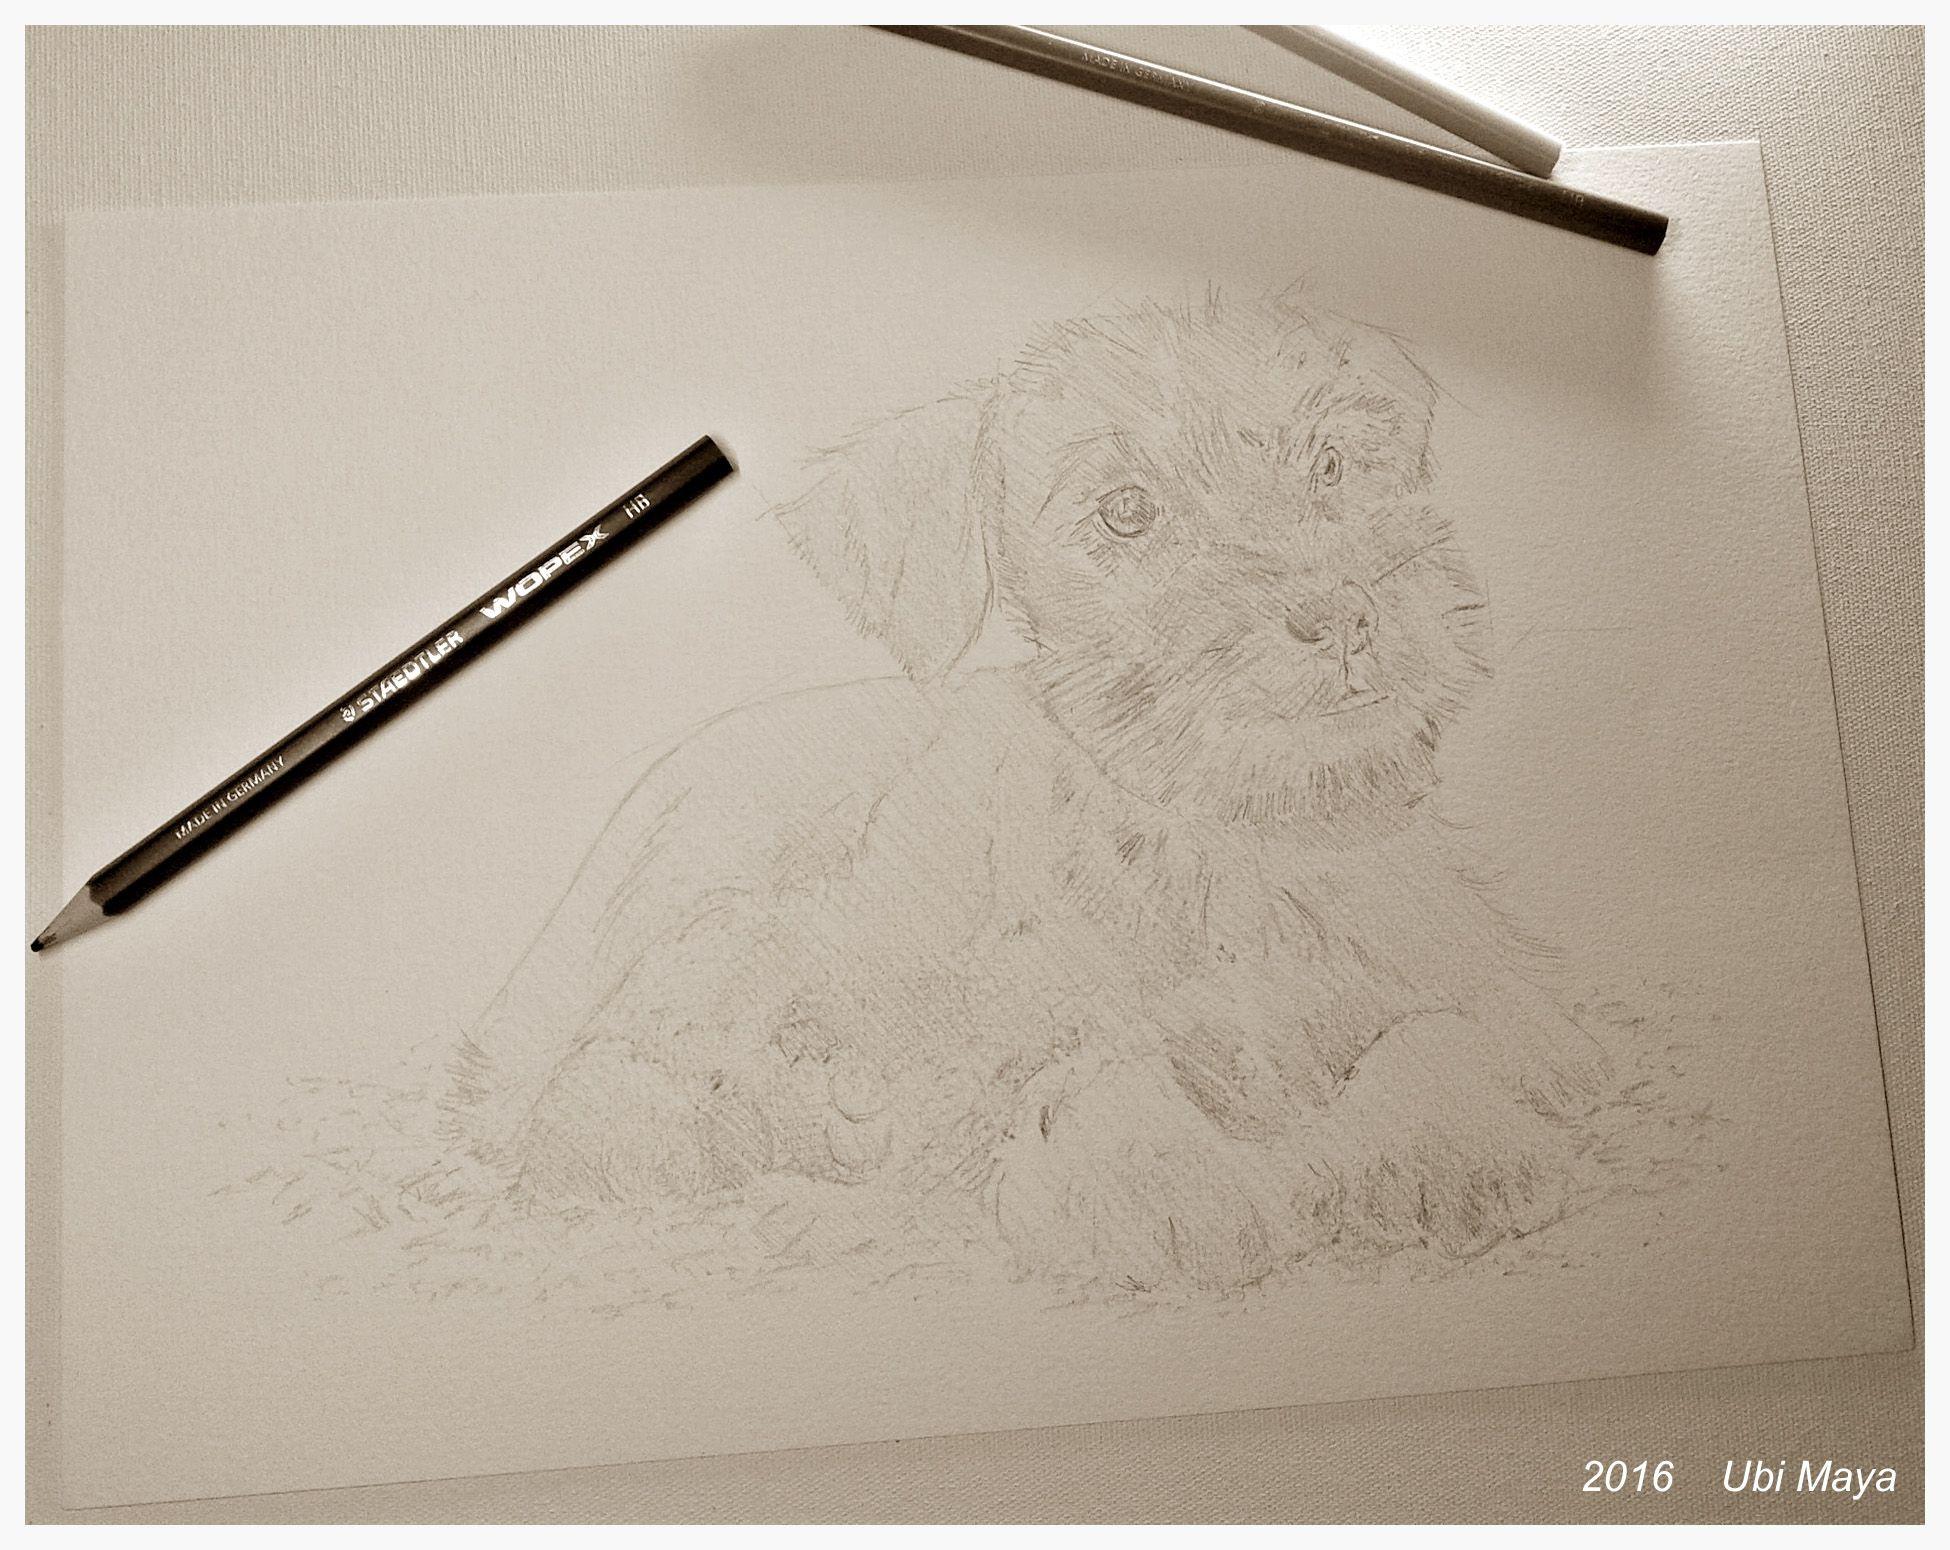 Trilhas para o momento, de: Neil Diamond. Arte encomendada, Desenhando um Schnauzer! https://www.instagram.com/notovitch/